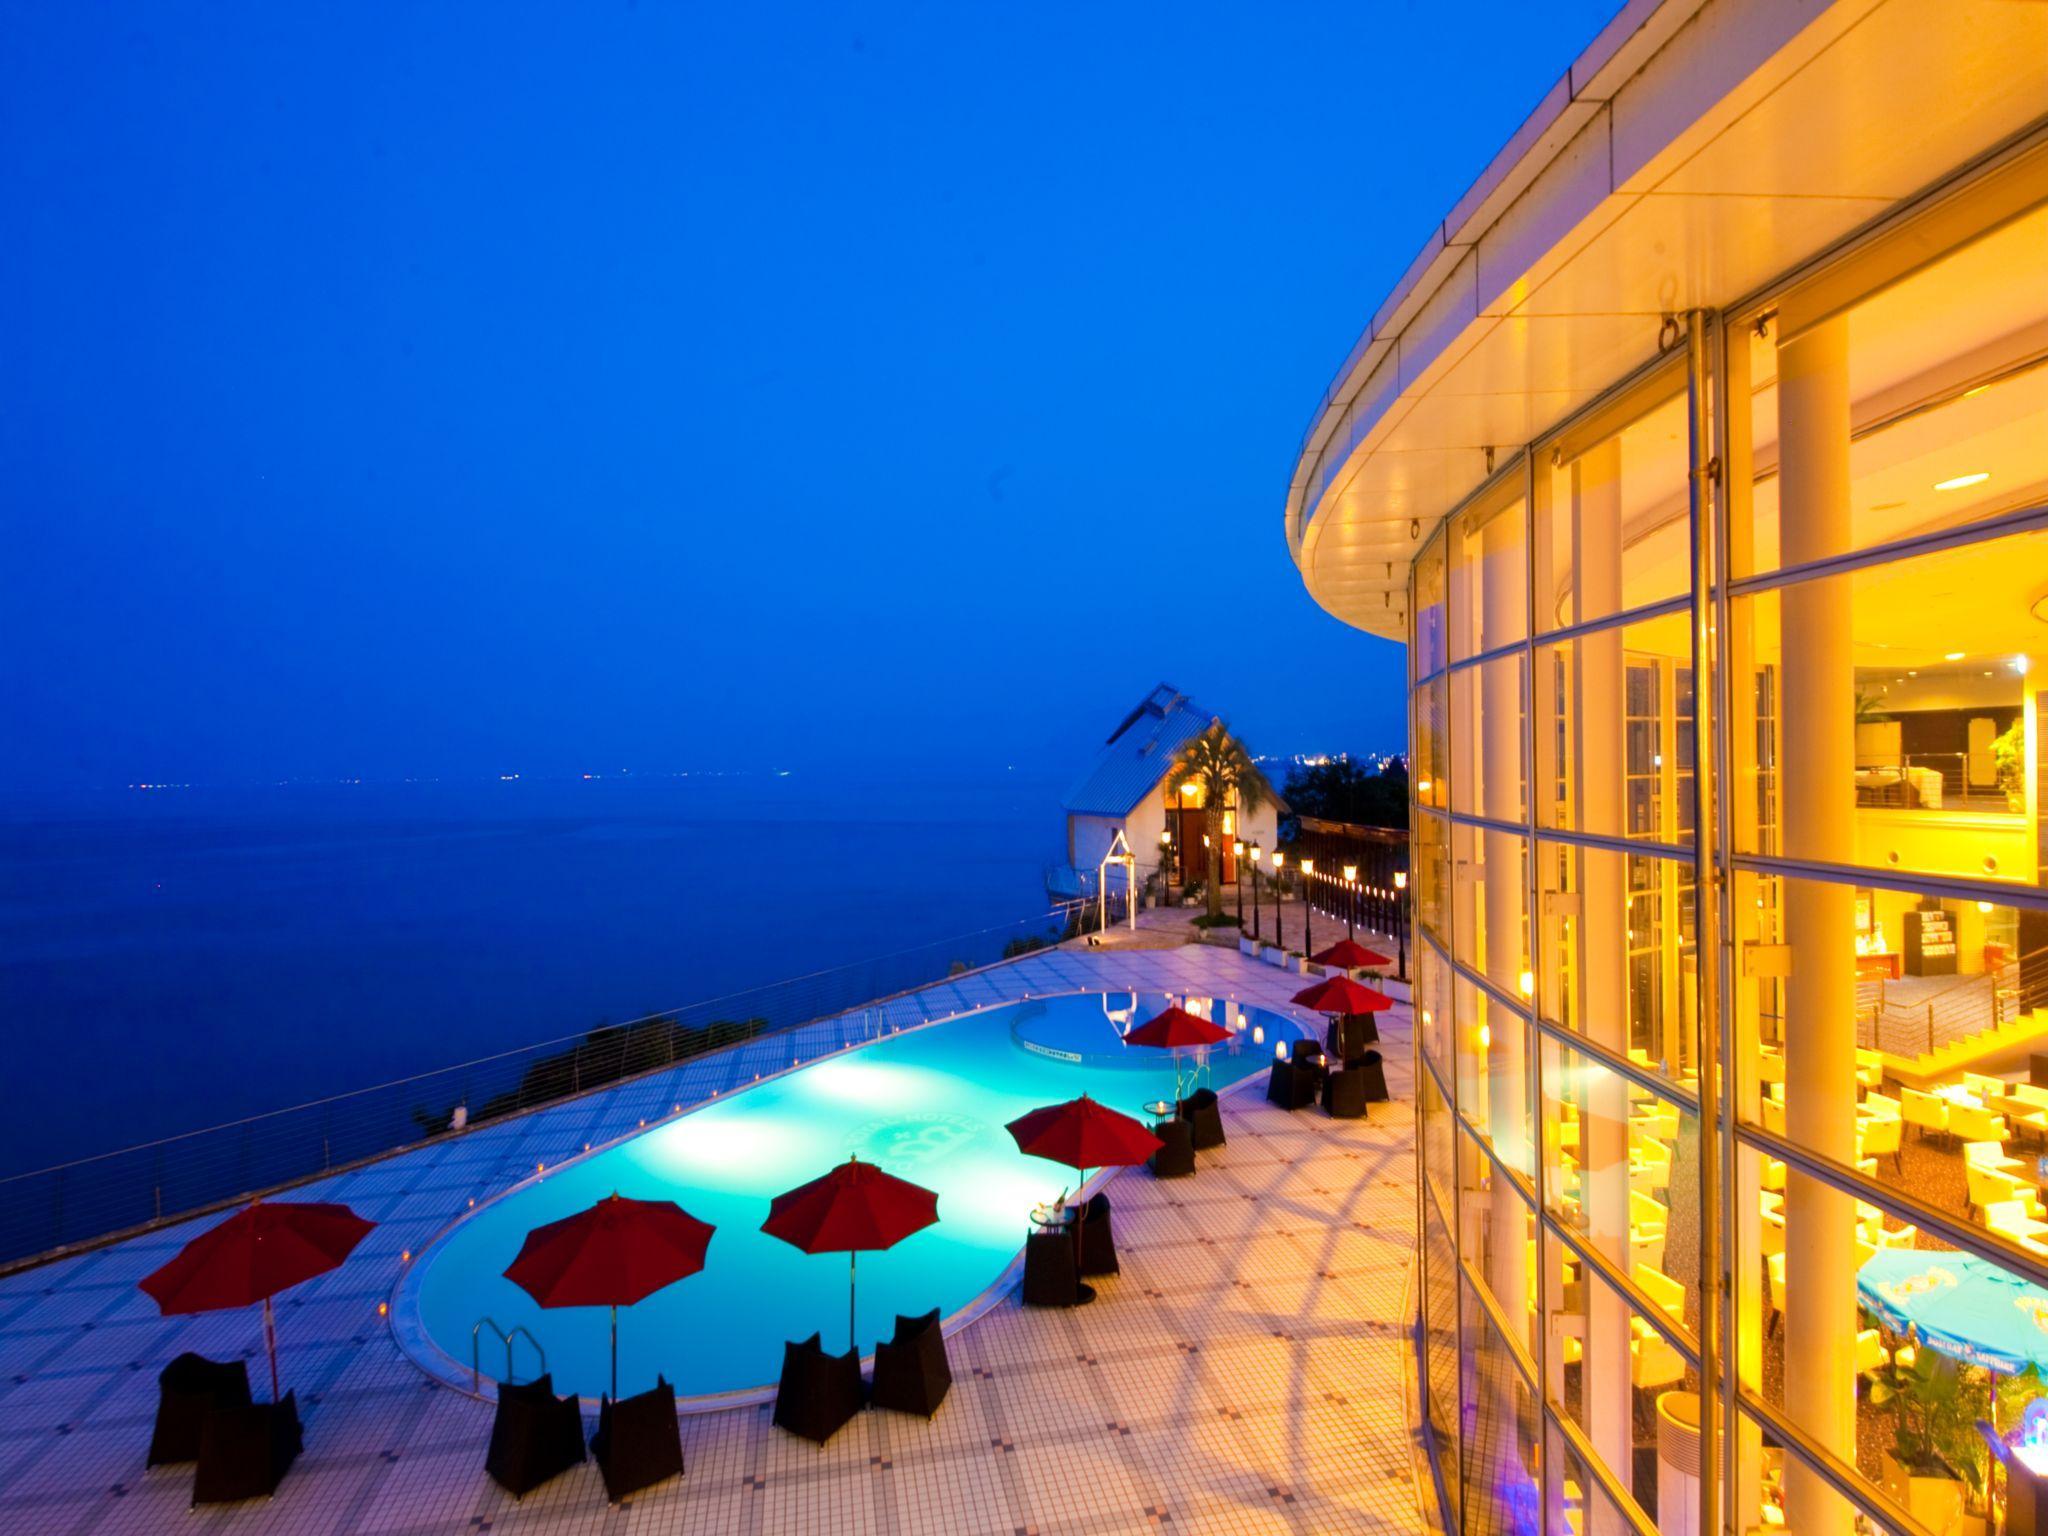 ホテル&リゾーツ 別府灣 (Hotel & Resorts BEPPUWAN)|クチコミあり ...